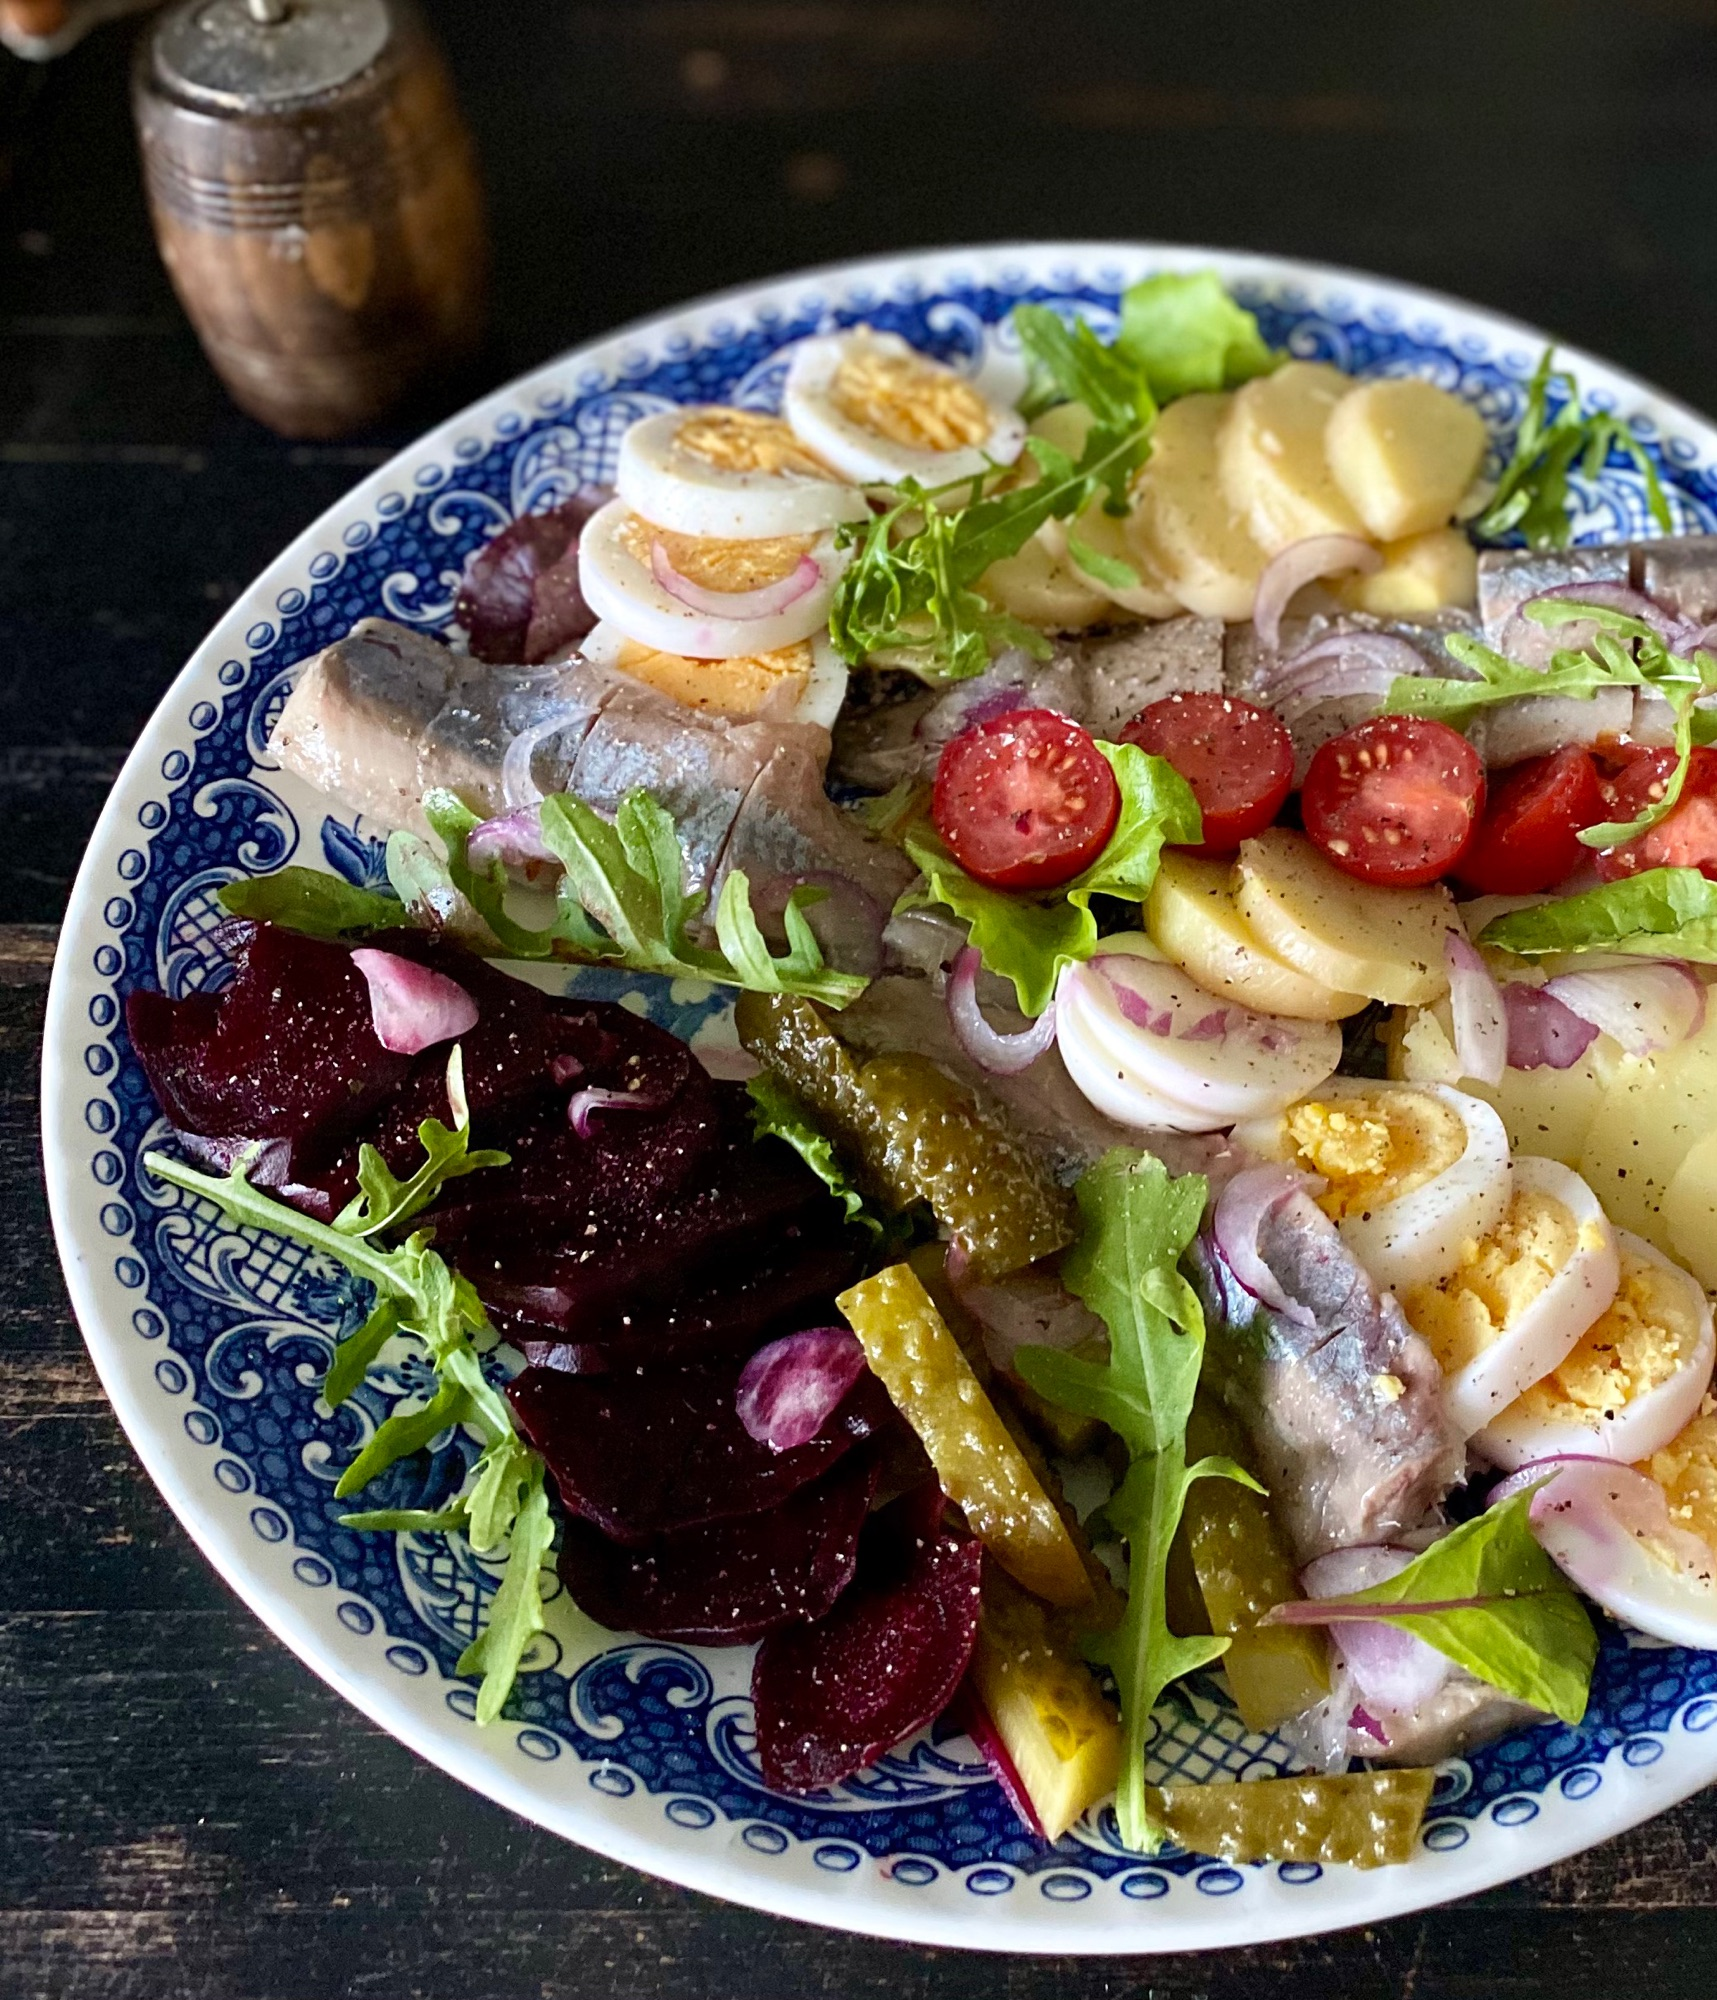 У нас внезапно случилась жара и вот такой холодный салат ужин с голландской селедкой.